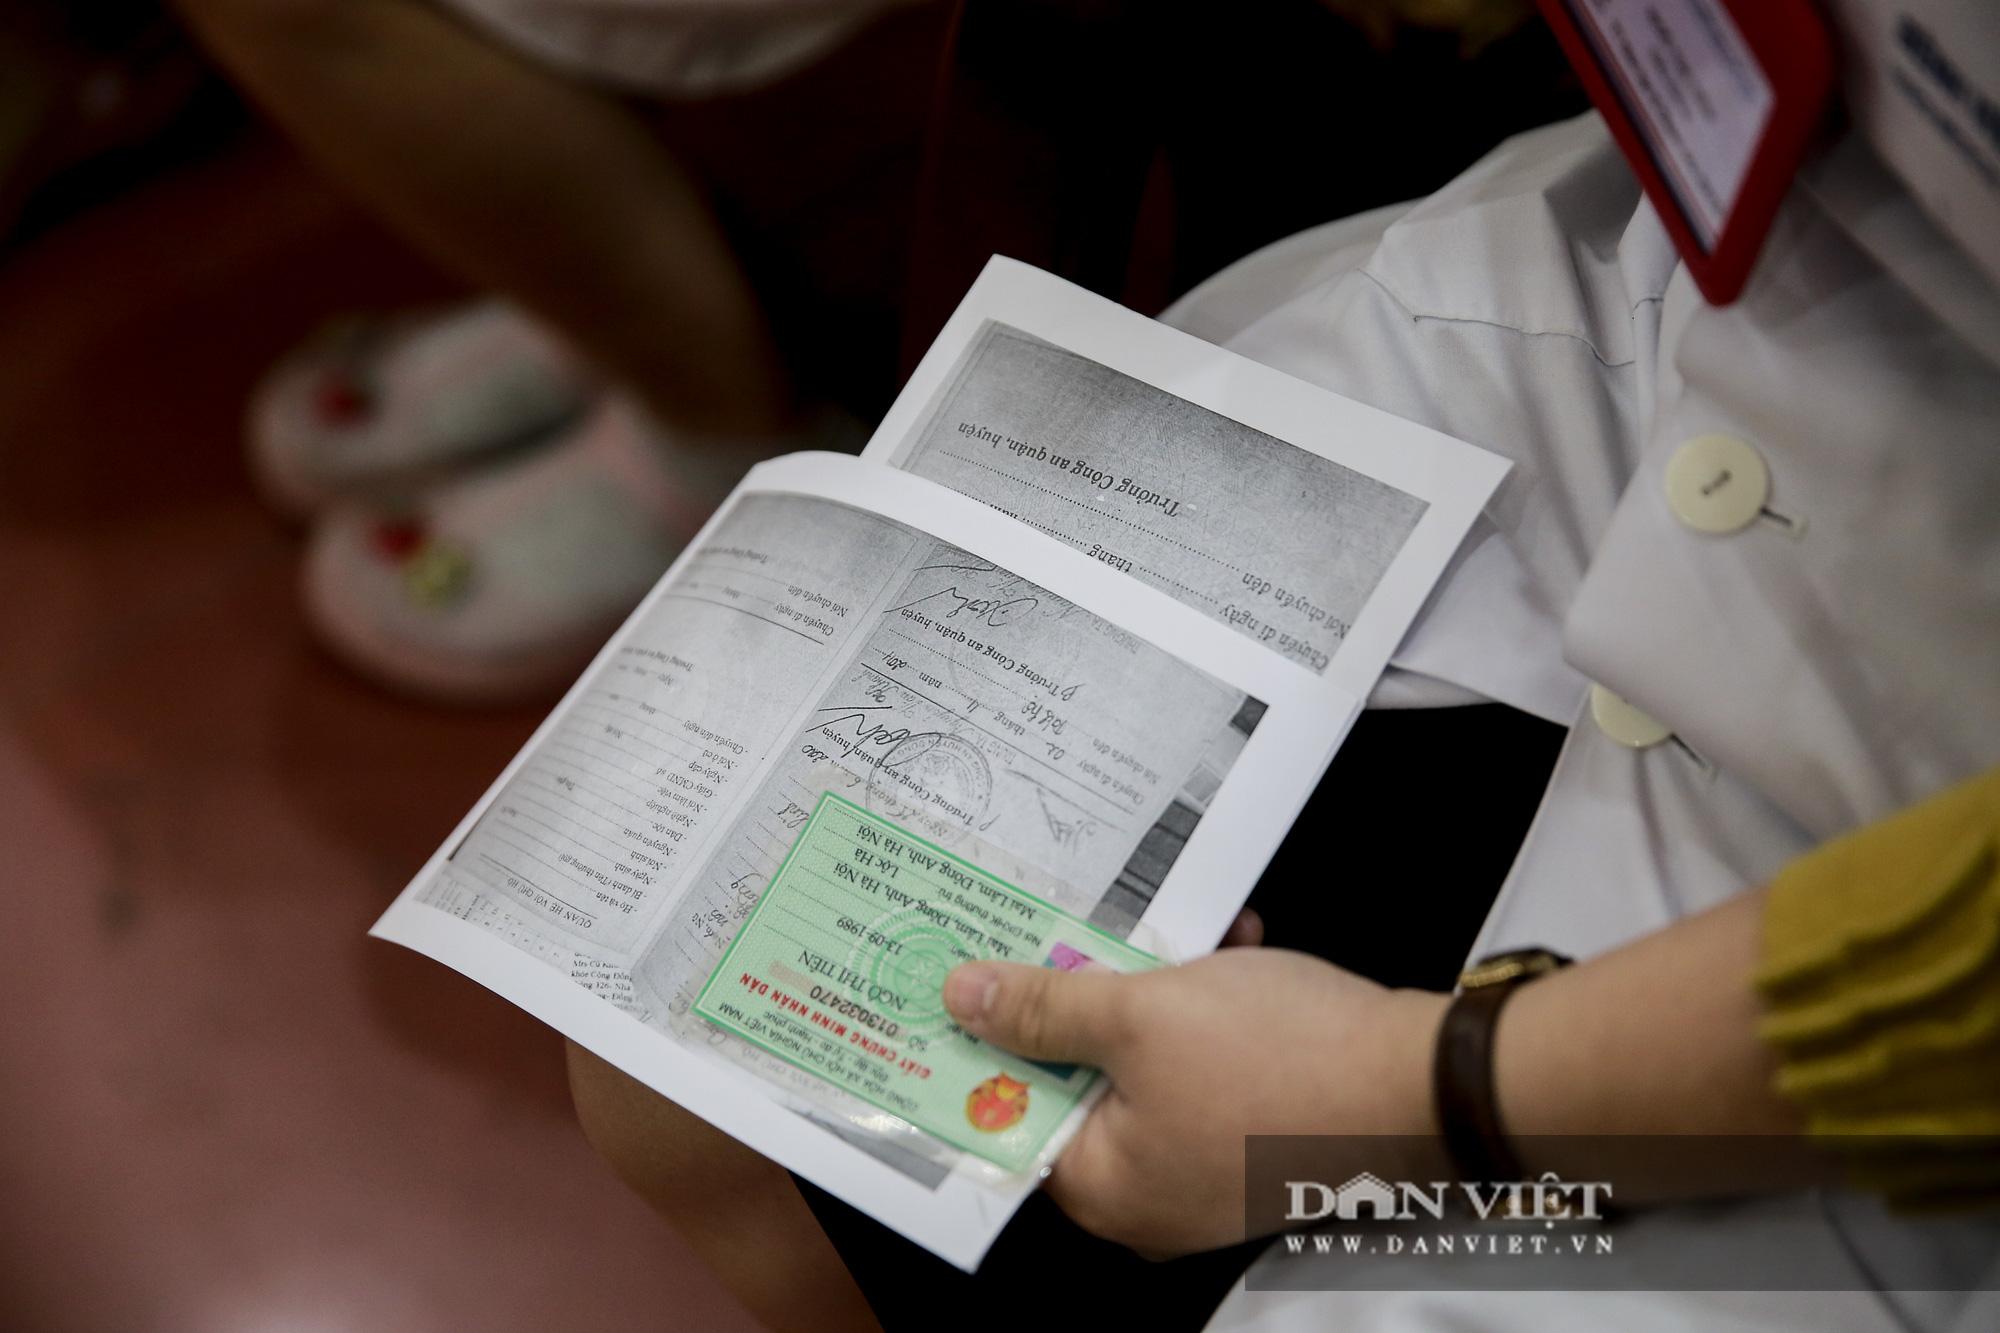 Mục sở thị quá trình cấp thẻ căn cước công dân gắn chíp lưu động tại Hà Nội - Ảnh 3.